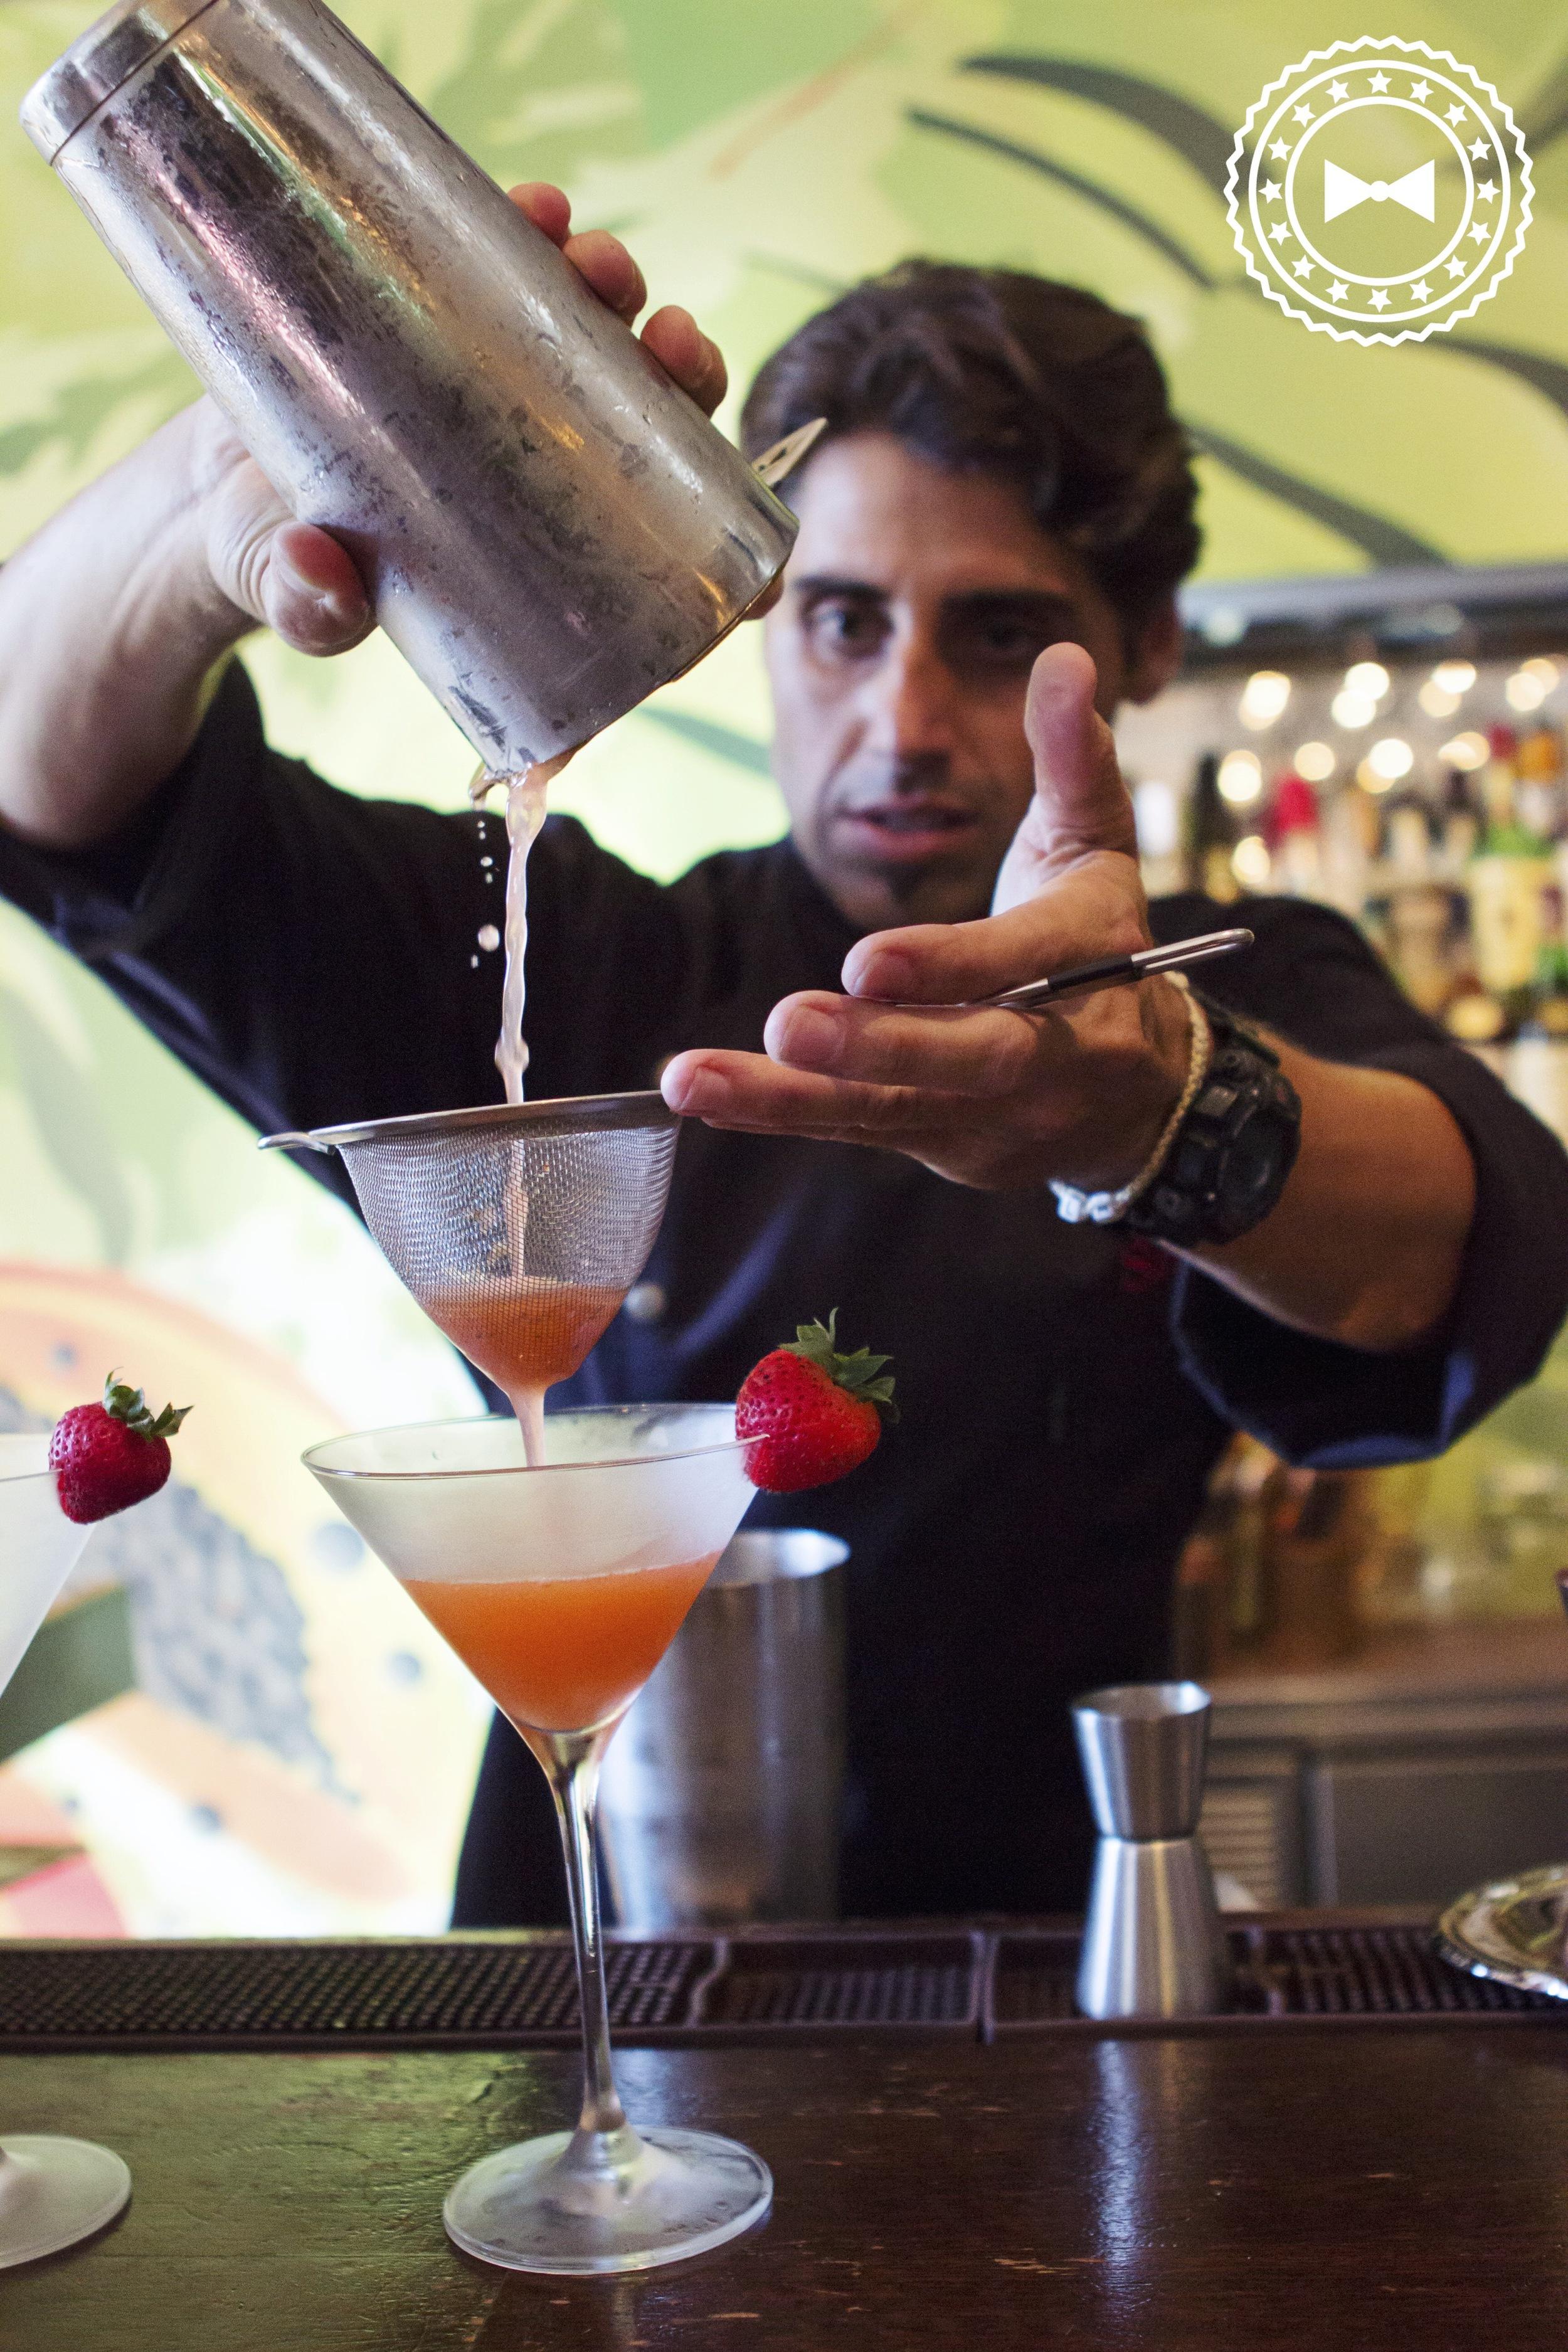 Michael Norat, campeón de World Class Bartenders Puerto Rico 2015 practicando.